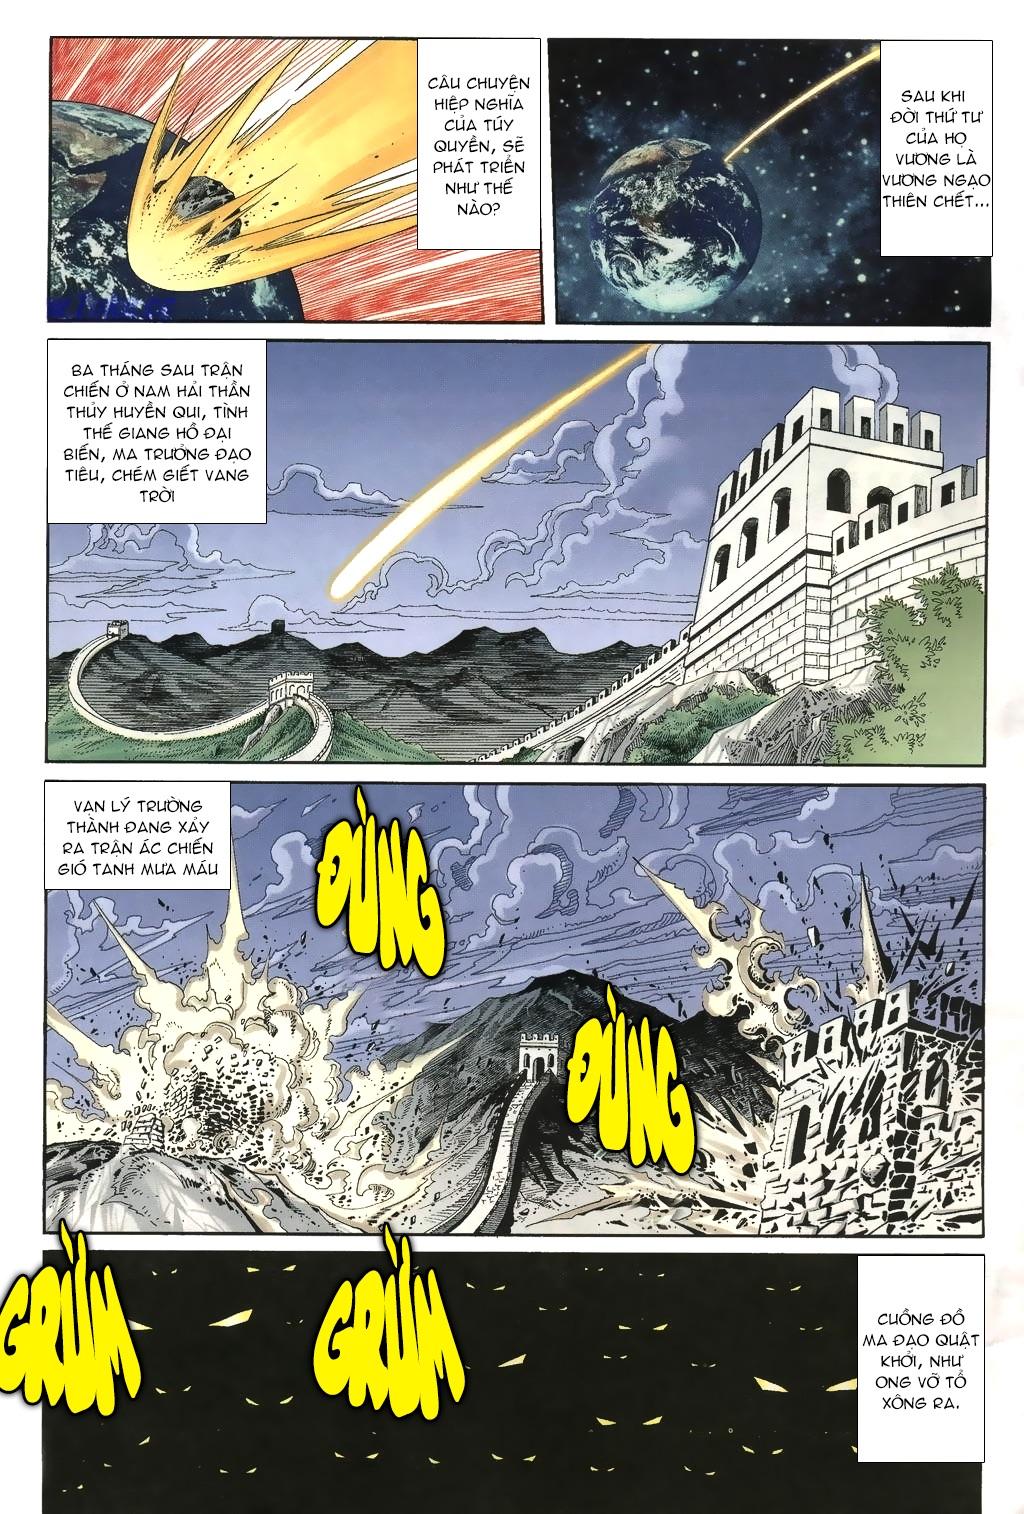 Thiên Hạ Vô Địch Lão Tổ Tông chap 1 - Trang 8